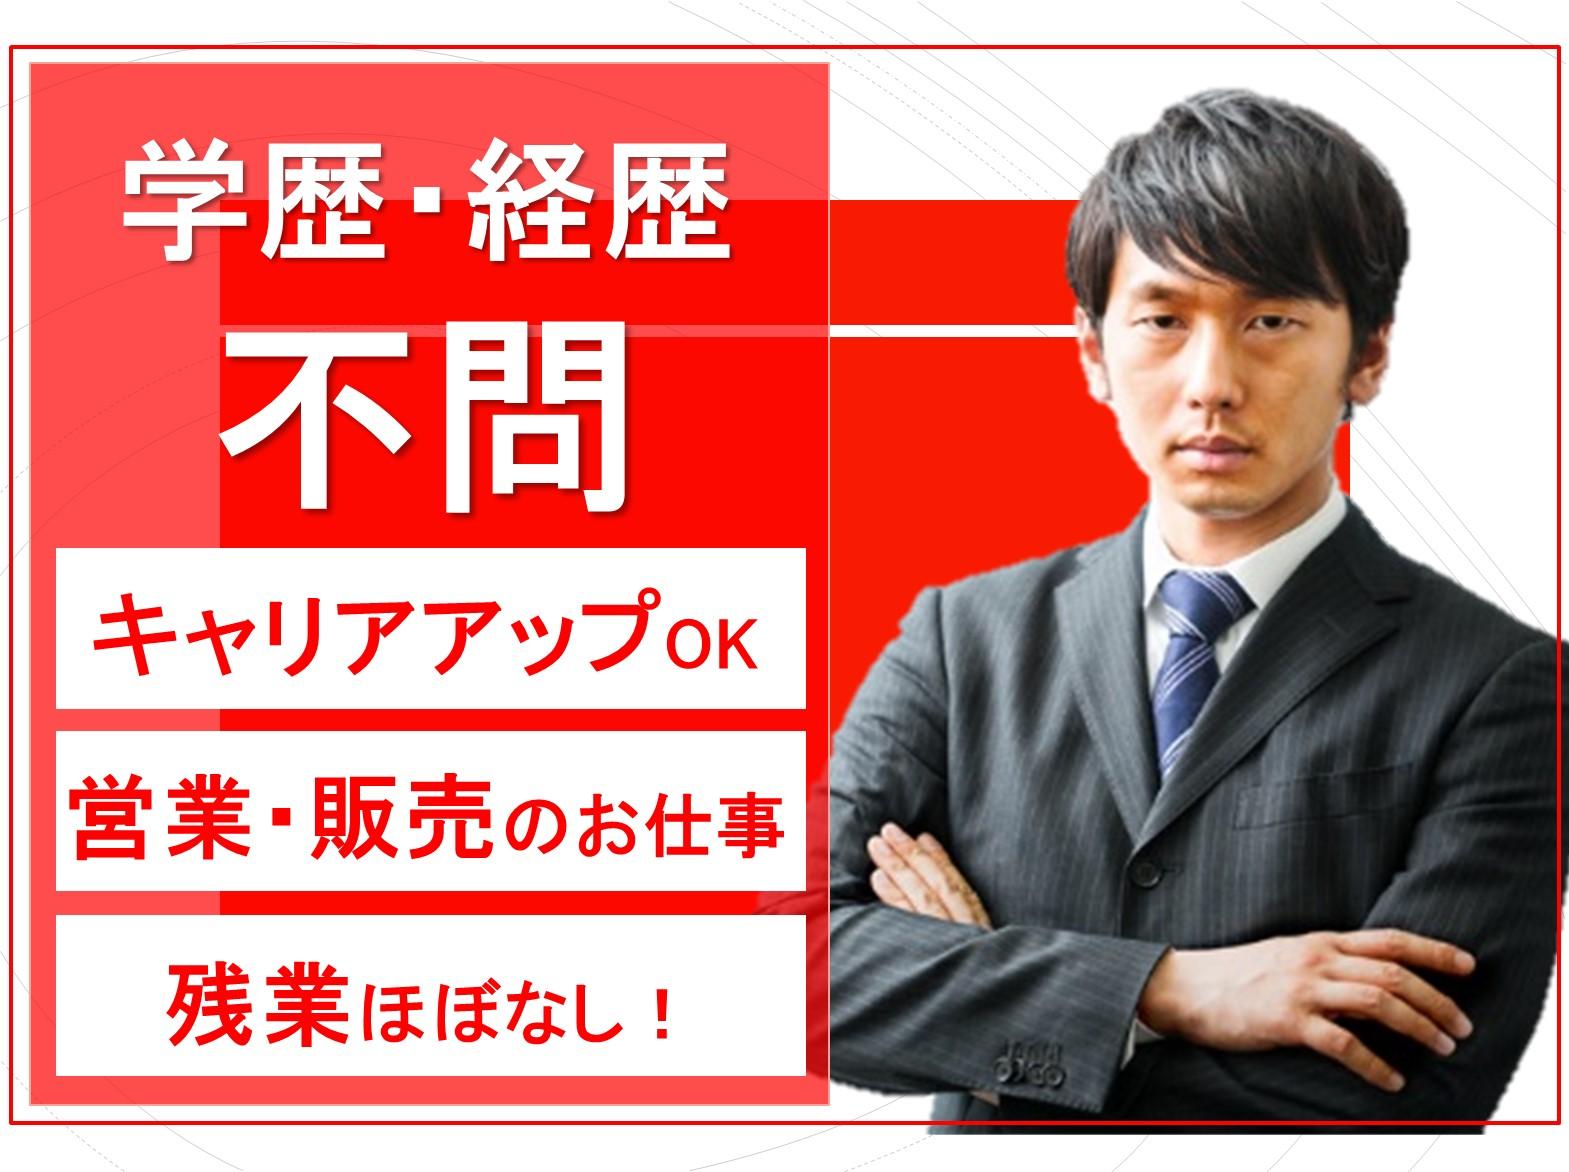 【豊田市】キャリアアップが目指せる!スキルや経験不問!営業・販売職急募! イメージ